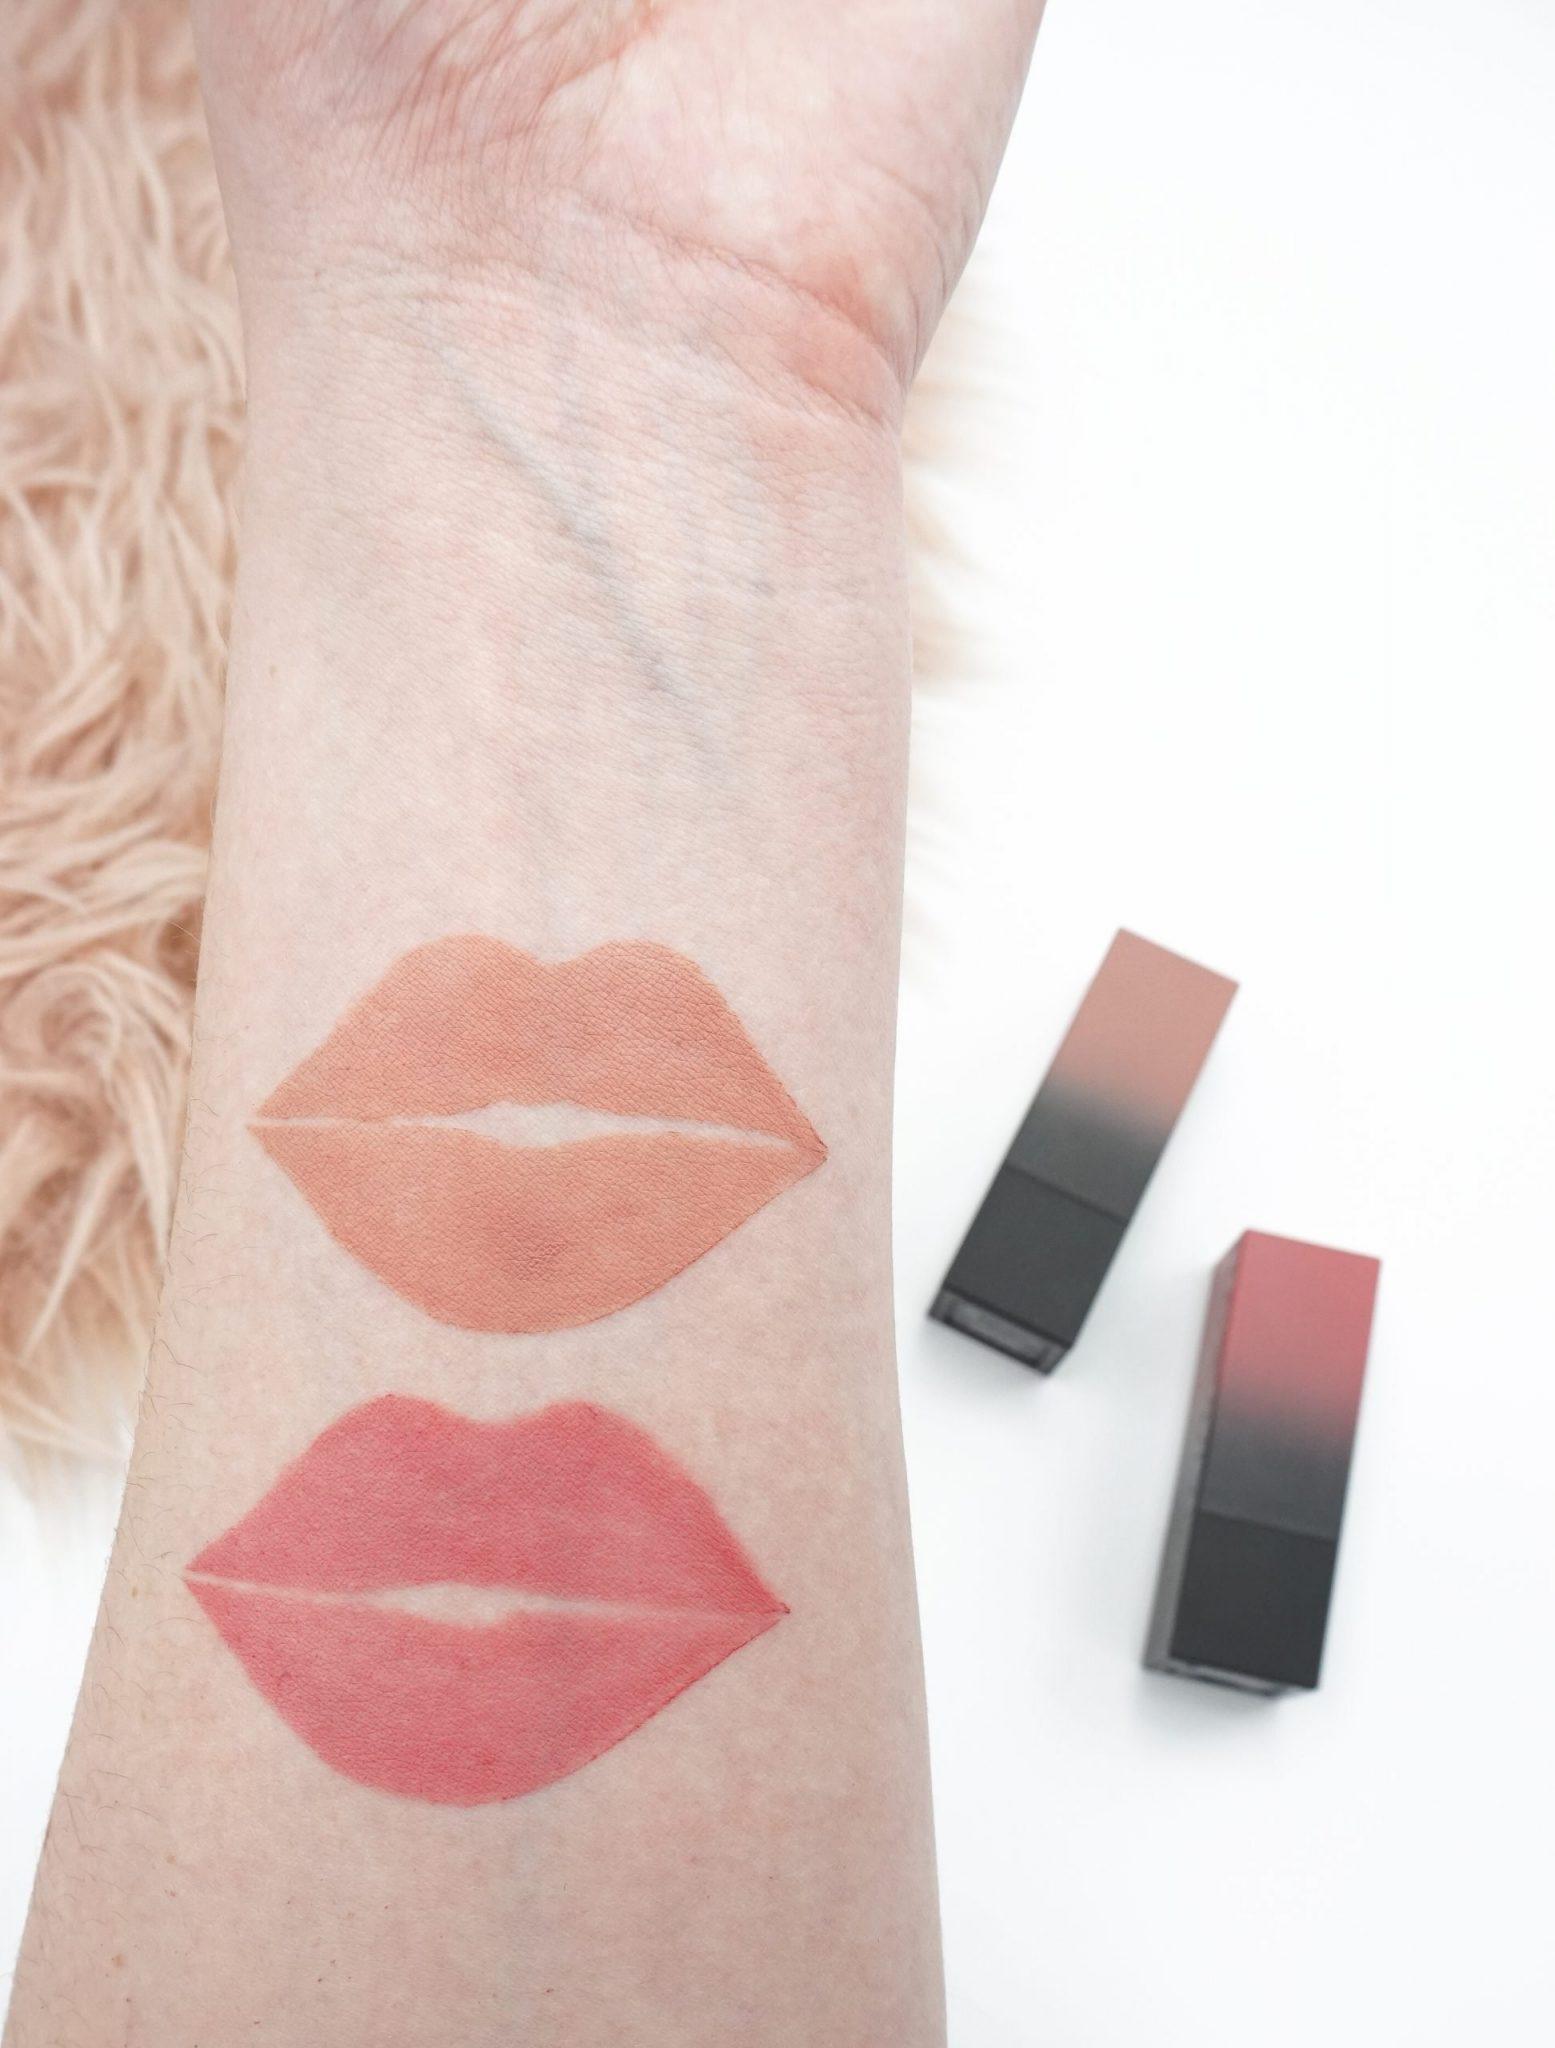 2 Pretty Huda Beauty Lipsticks Prom Night and Honeymoon ⋆ Beautymone